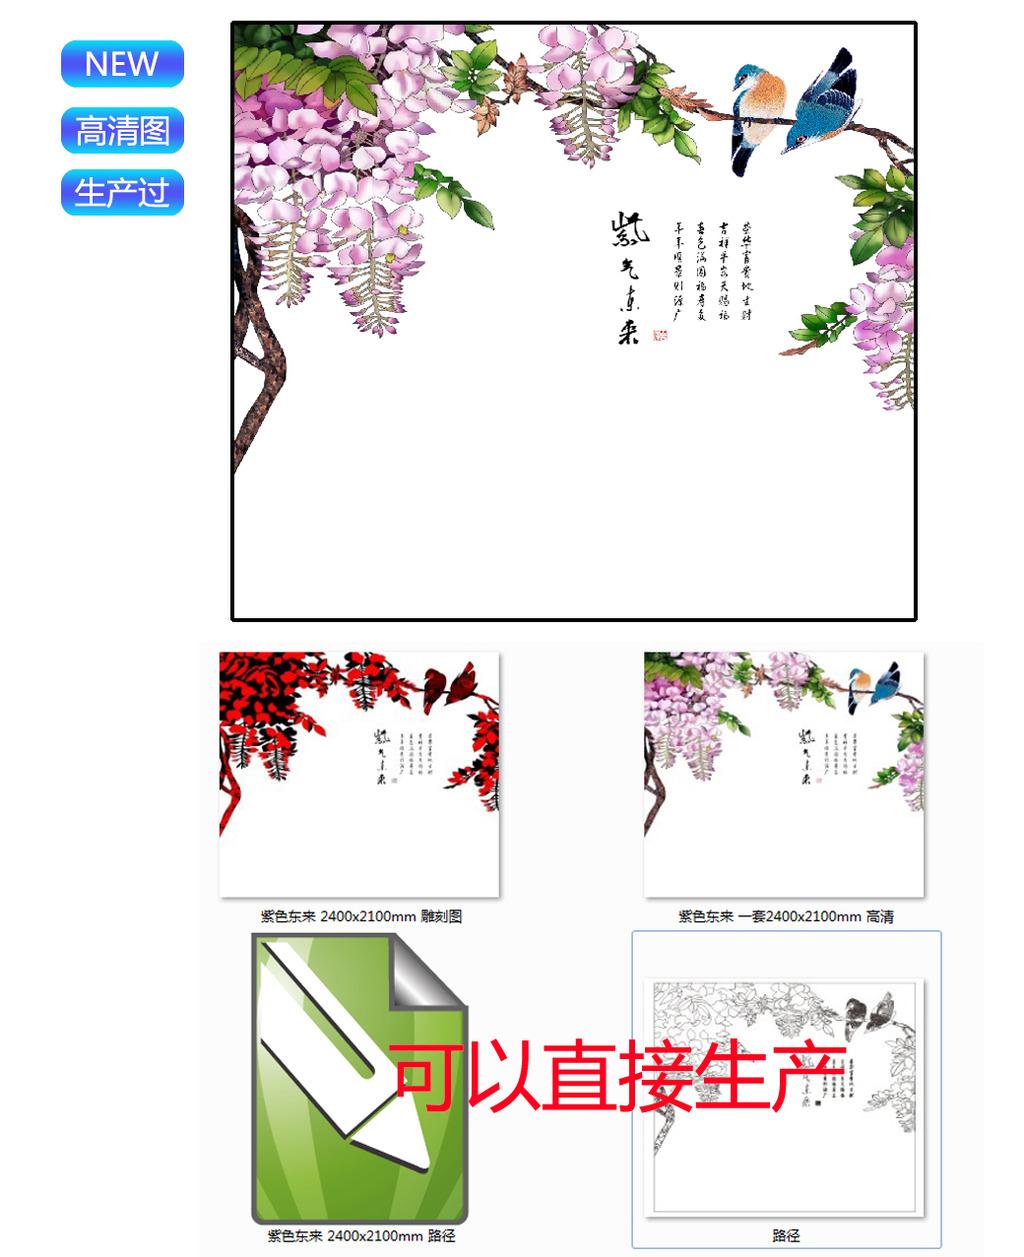 背景墙/[版权图片]紫气东来背景墙